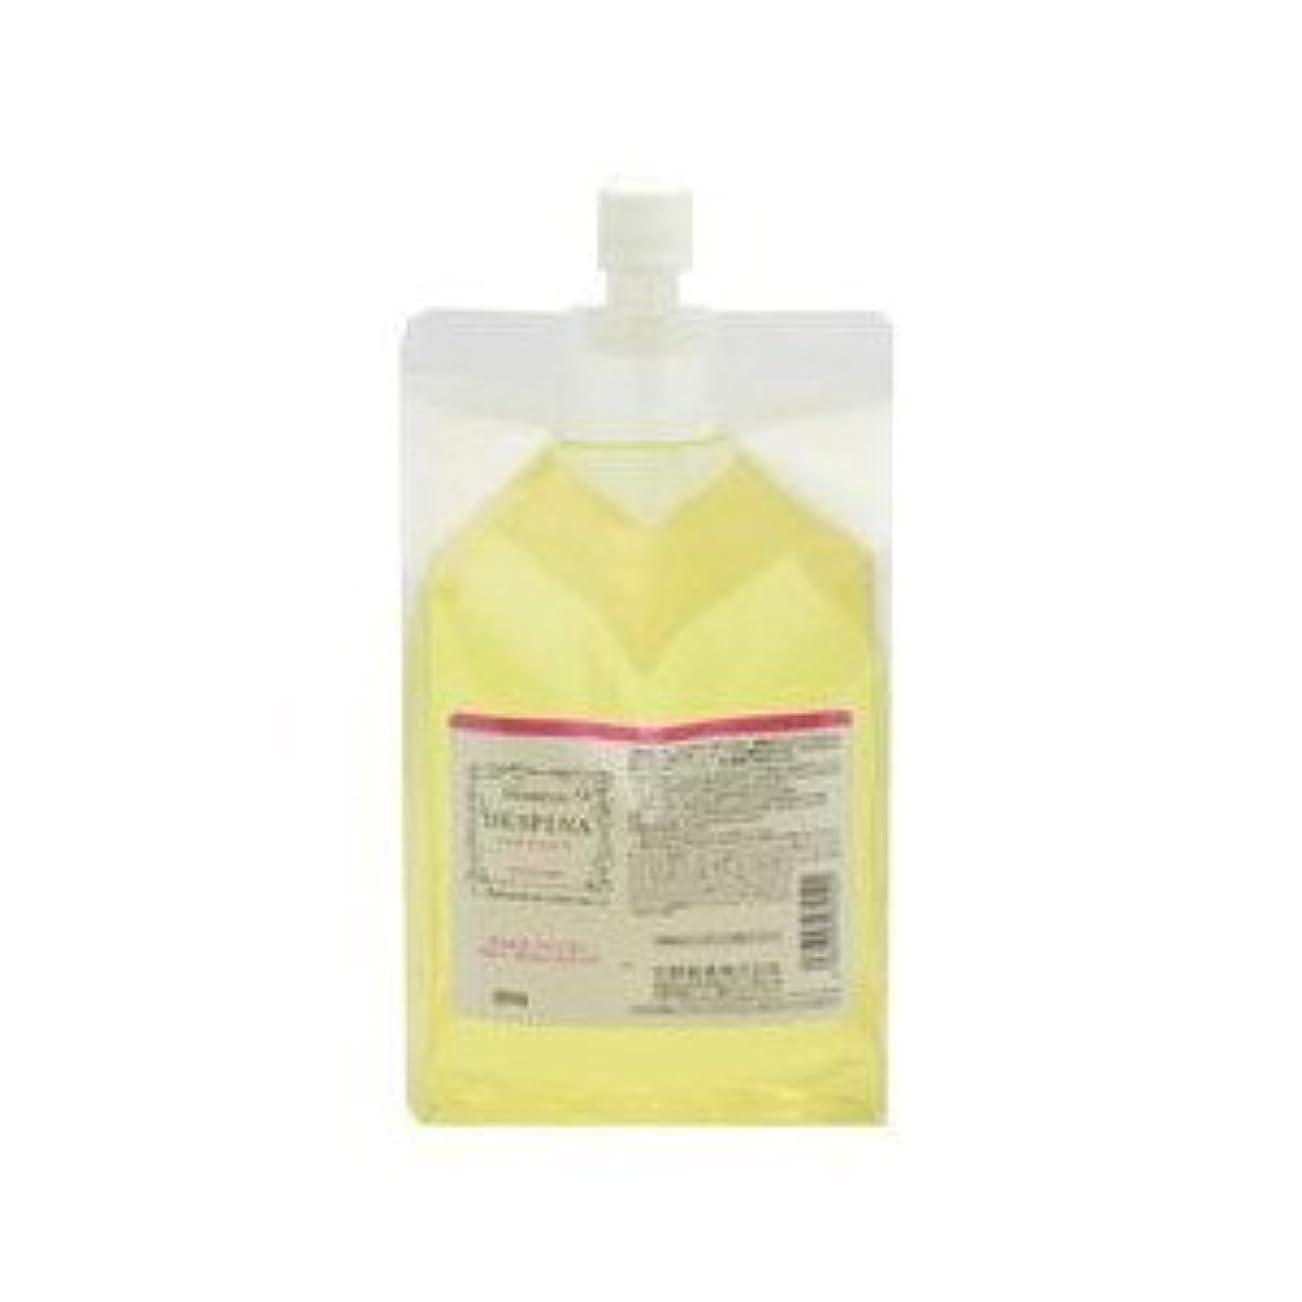 溢れんばかりのスズメバチ積分中野製薬 デスピナ シャンプー カラー ボリュームアップ 1500ml